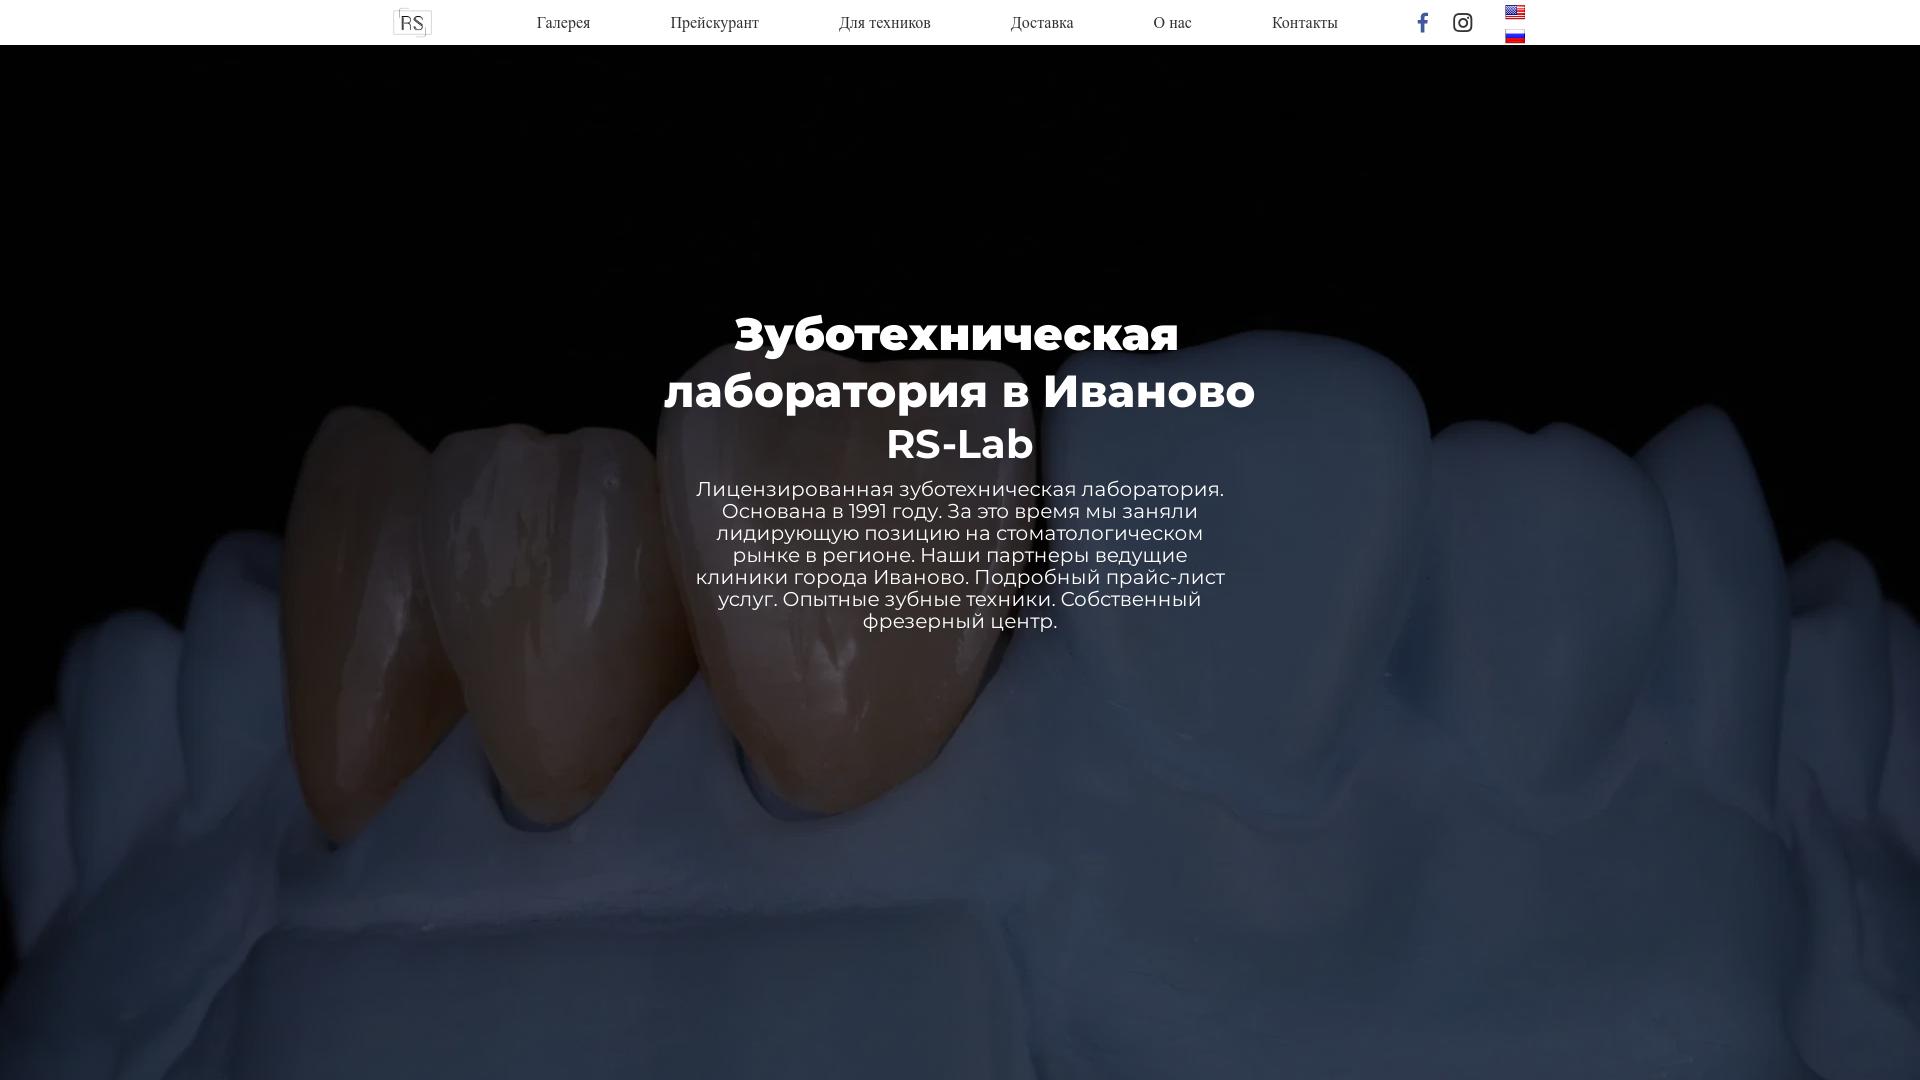 RS-Lab – Зуботехническая лаборатория